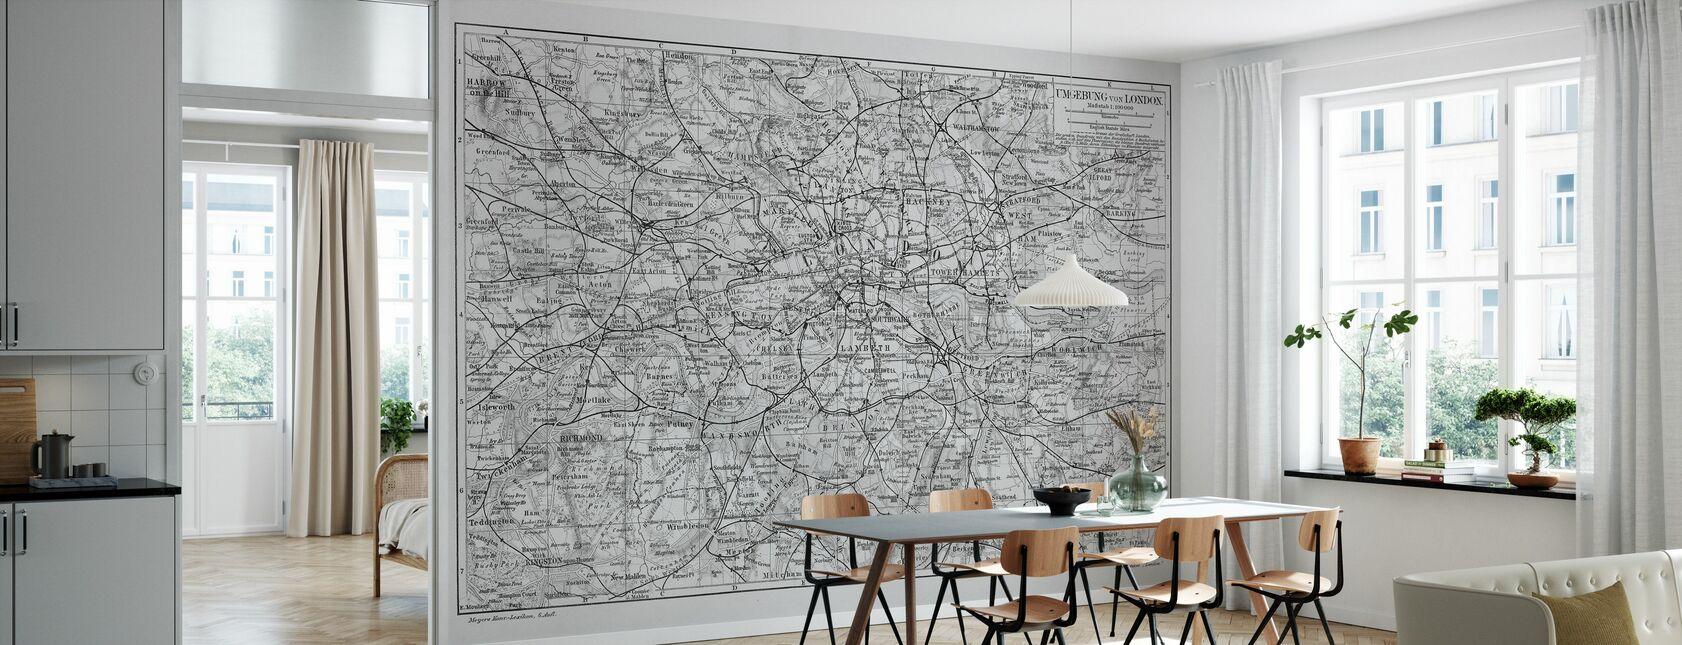 London Map Gray - Wallpaper - Kitchen